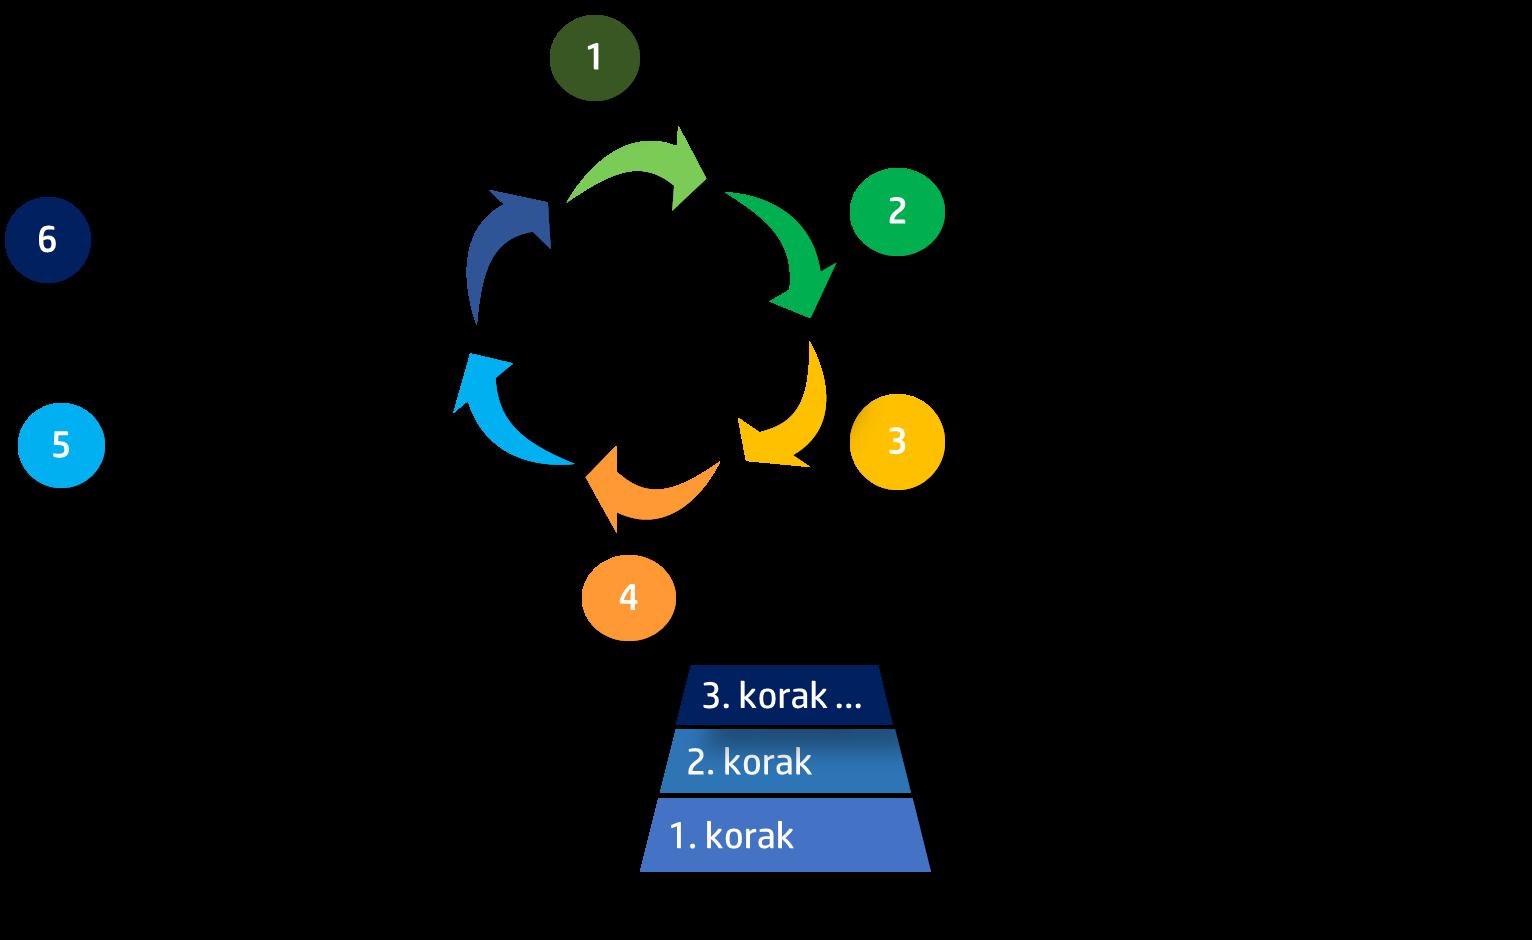 Uspešna izvedba TPM je odvisna od procesov, ki jih določajo stebri TPM